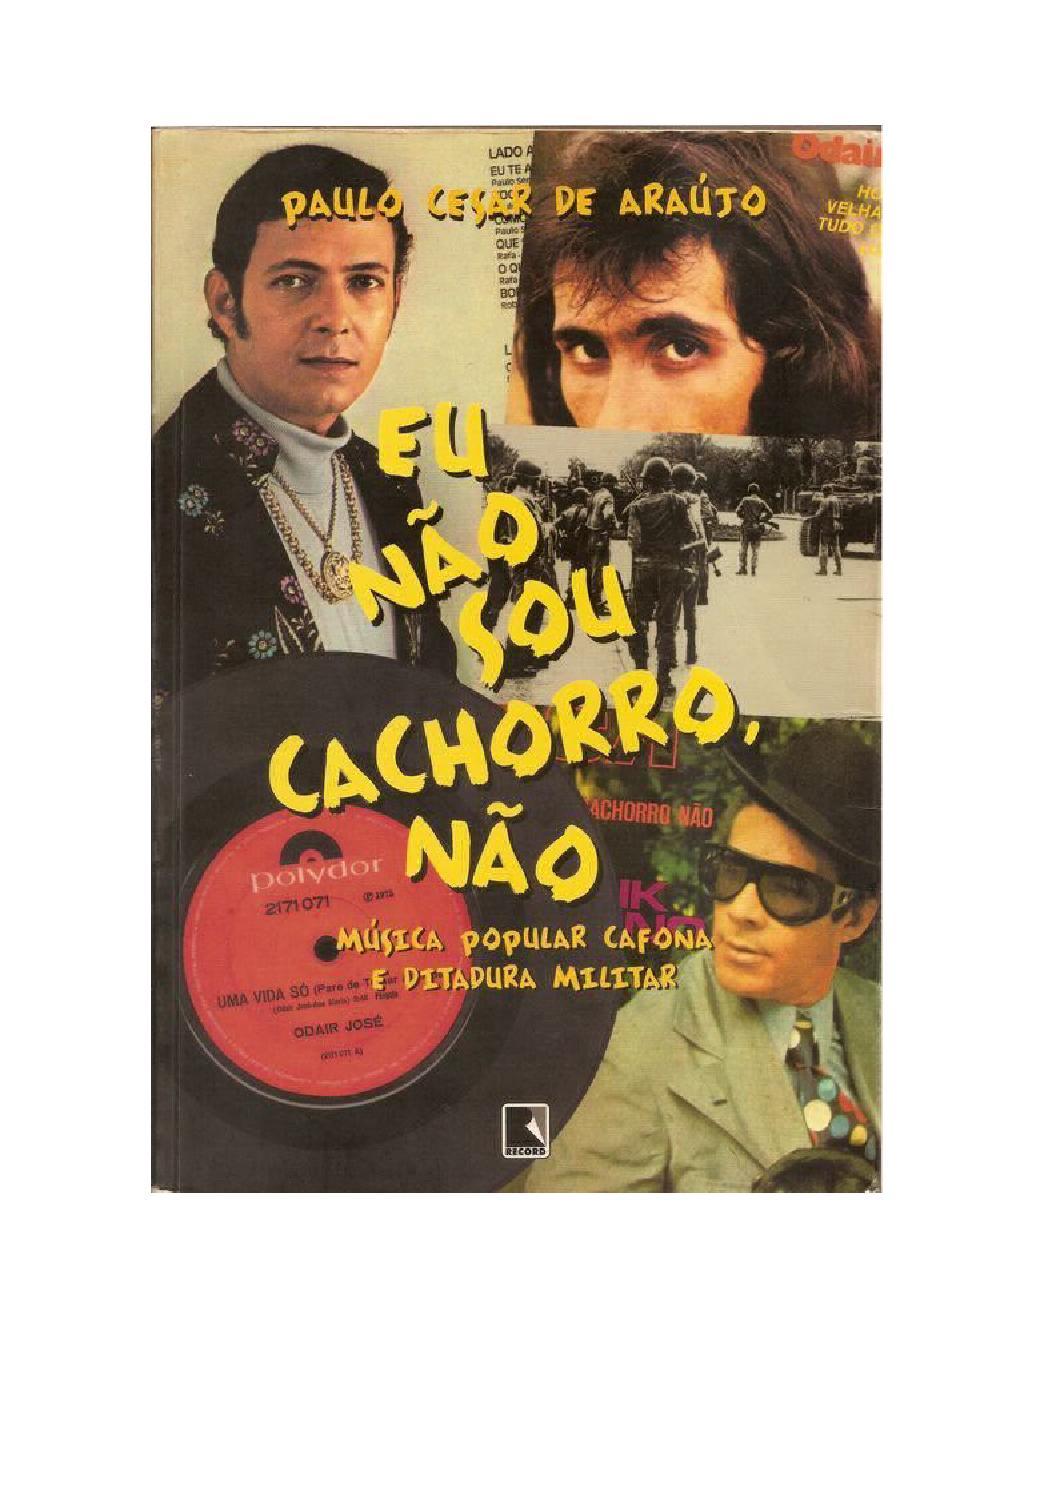 DOWNLOAD SORIANO DE GRATUITO CD WALDICK GRATIS